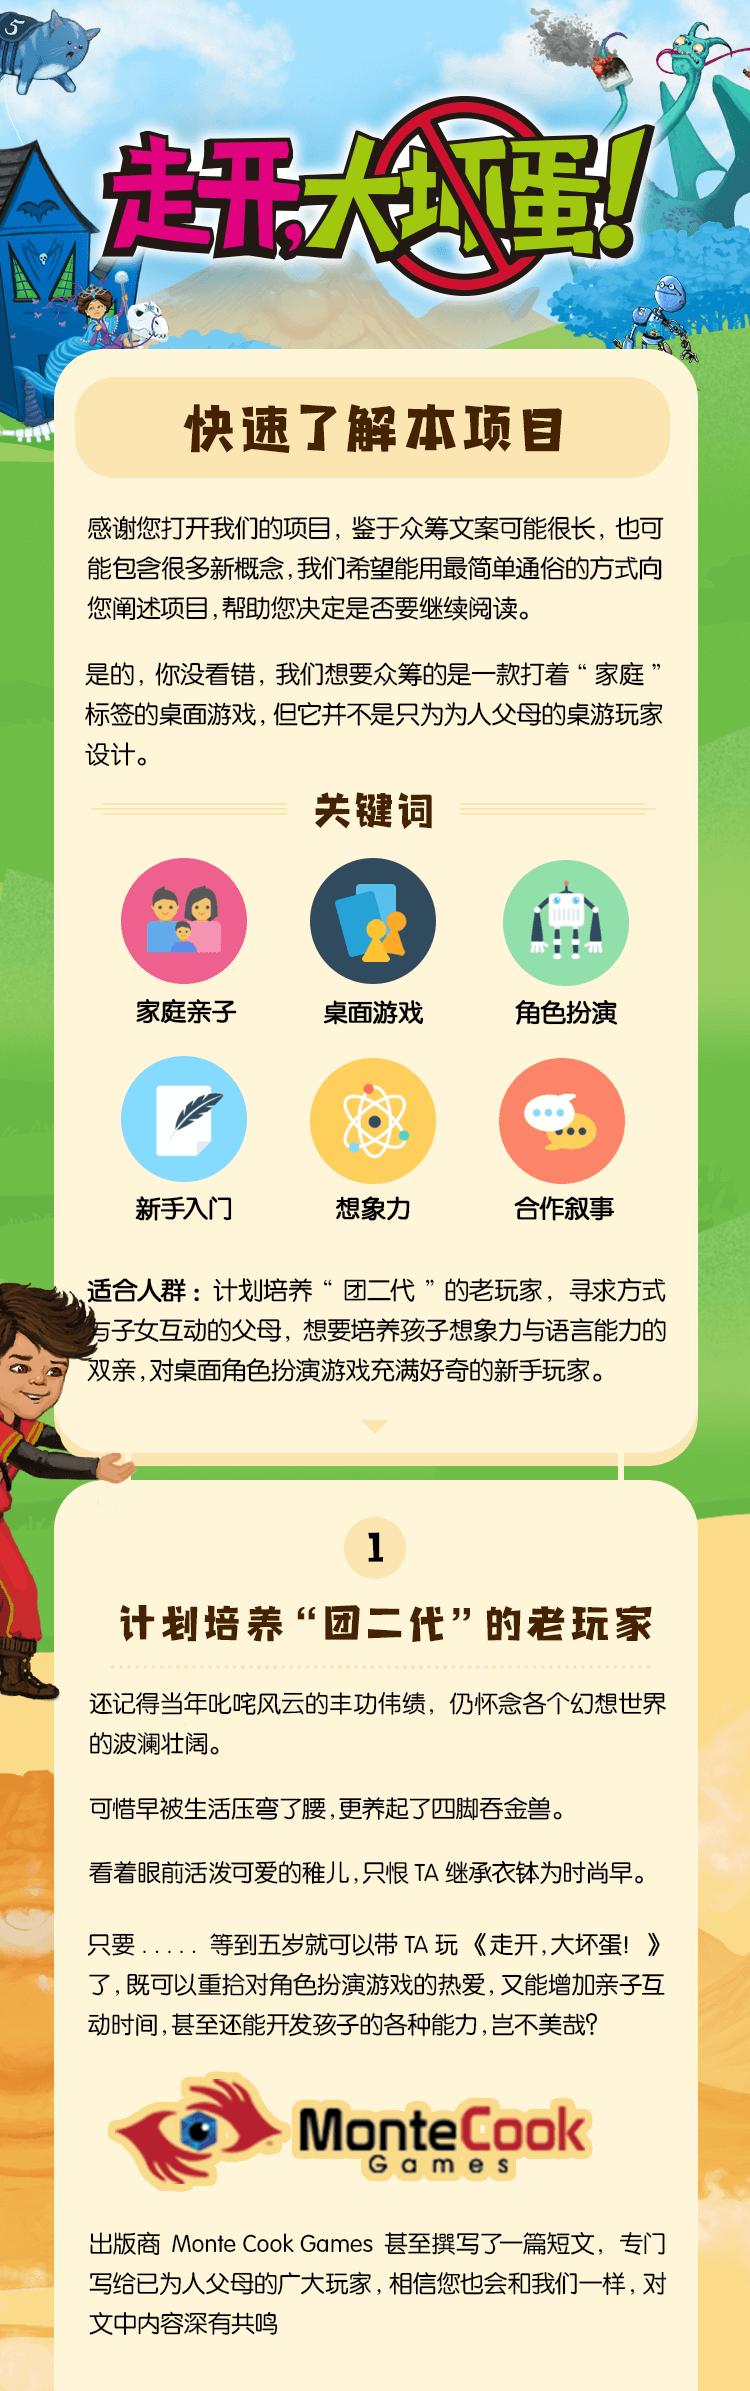 大坏蛋众筹_01.png